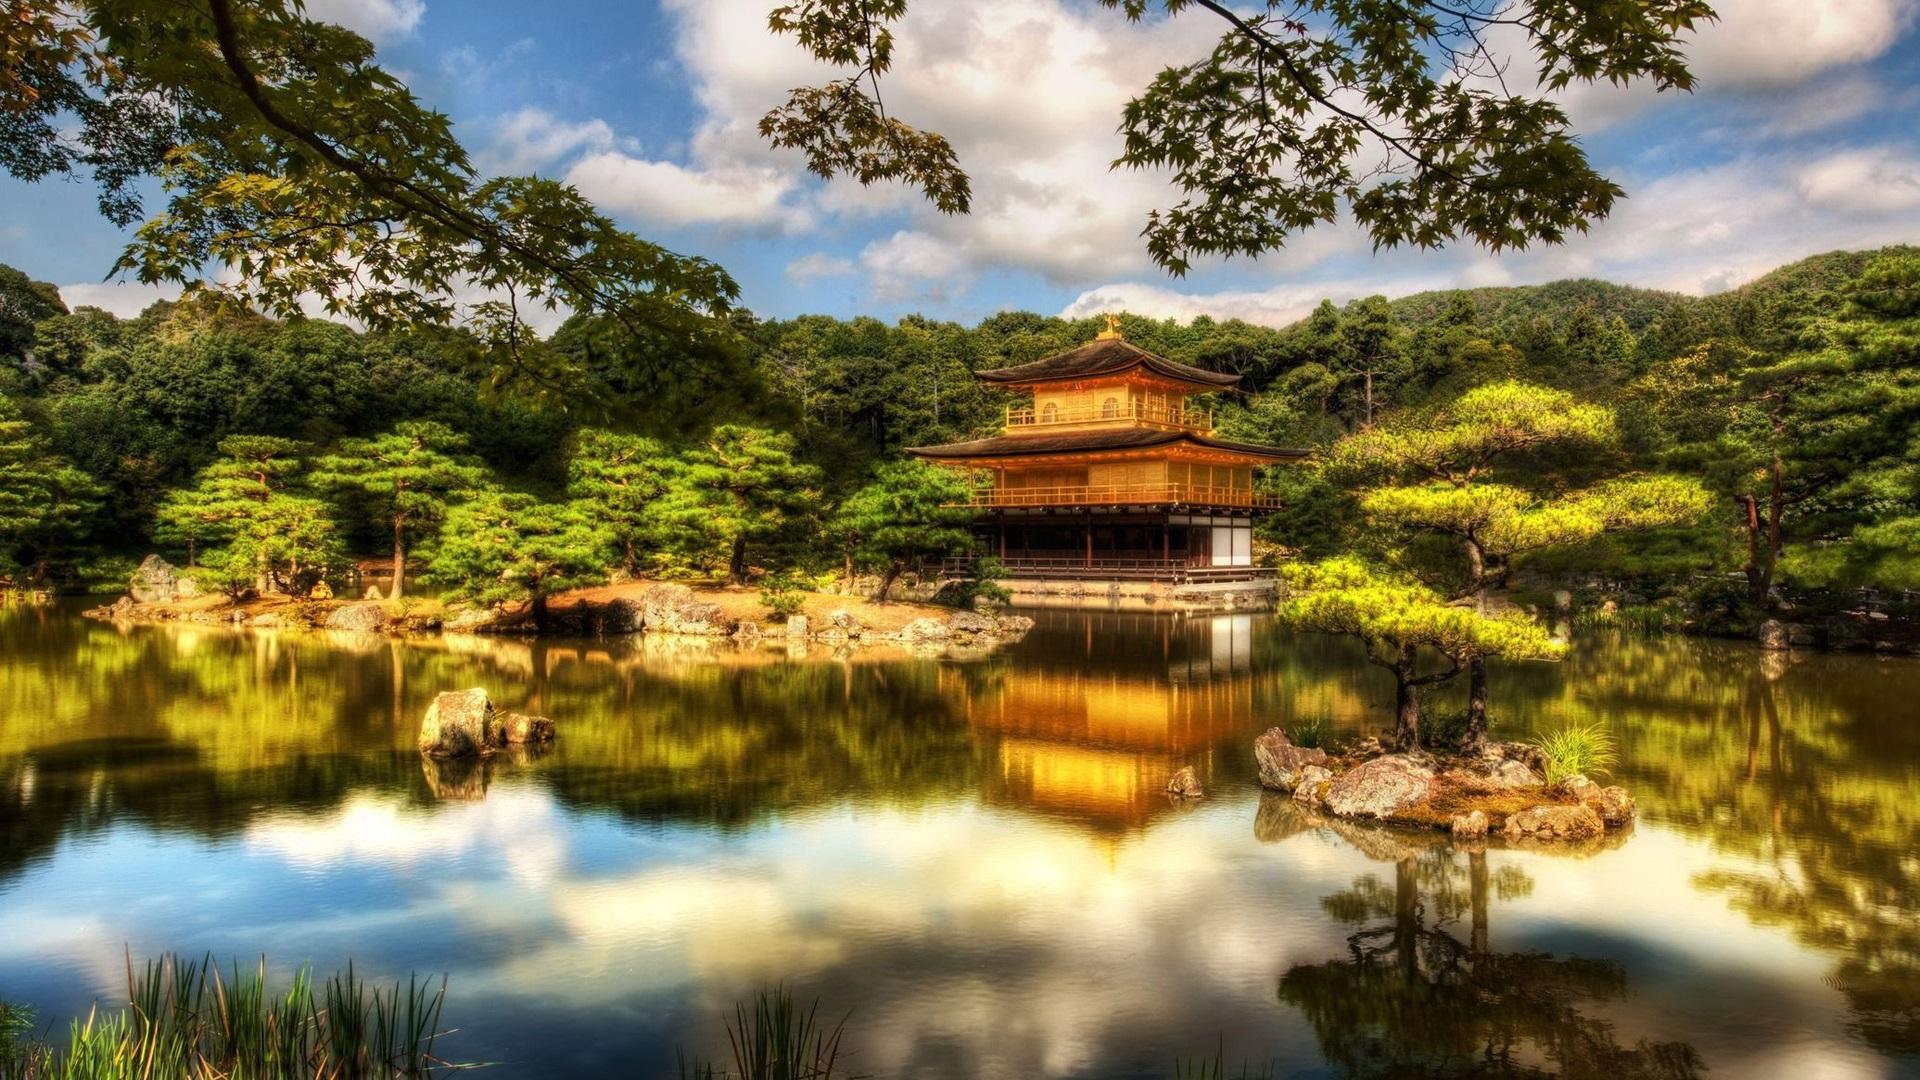 1920x1080 フルHD 壁紙 寺院、パビリオン、京都、日本、樹木、湖